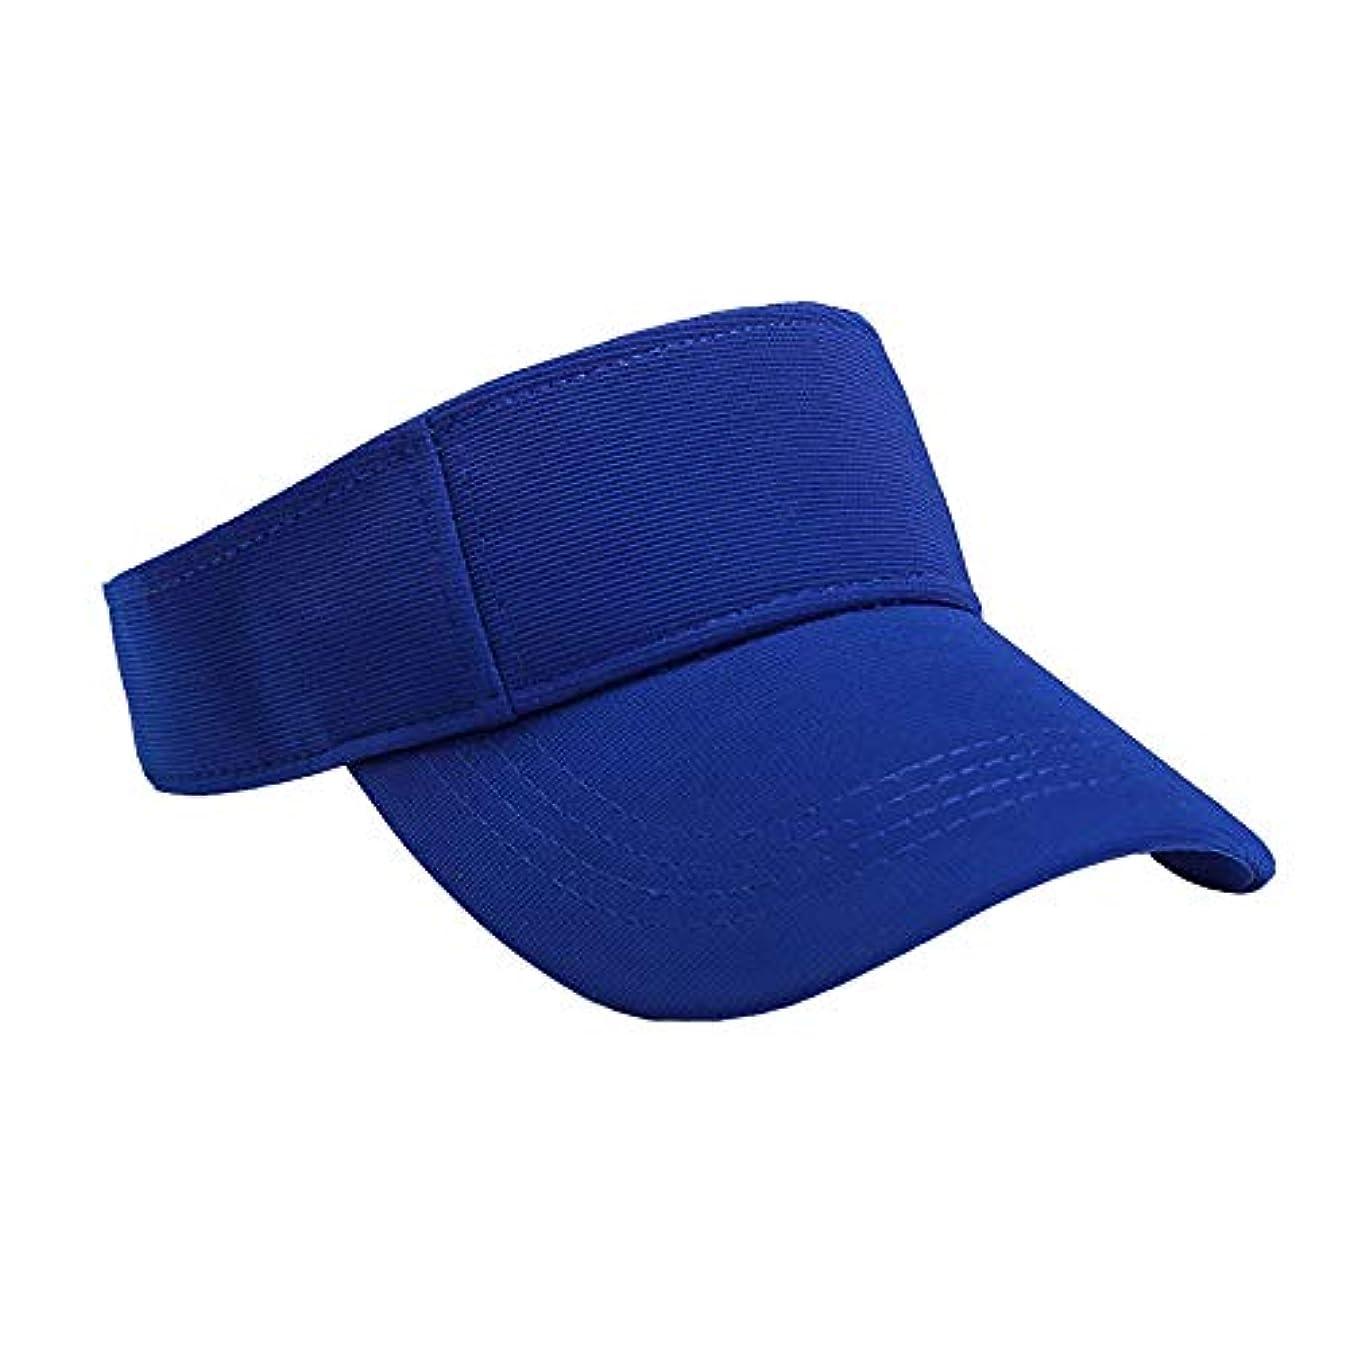 うぬぼれた匹敵します備品Merssavo ユニセックスサマースポーツキャップ、サン帽子レディーステニスゴルフバイザーメッシュ野球帽、調節可能な屋外オープントップヘッドトラベルハイキング帽子、ブルー